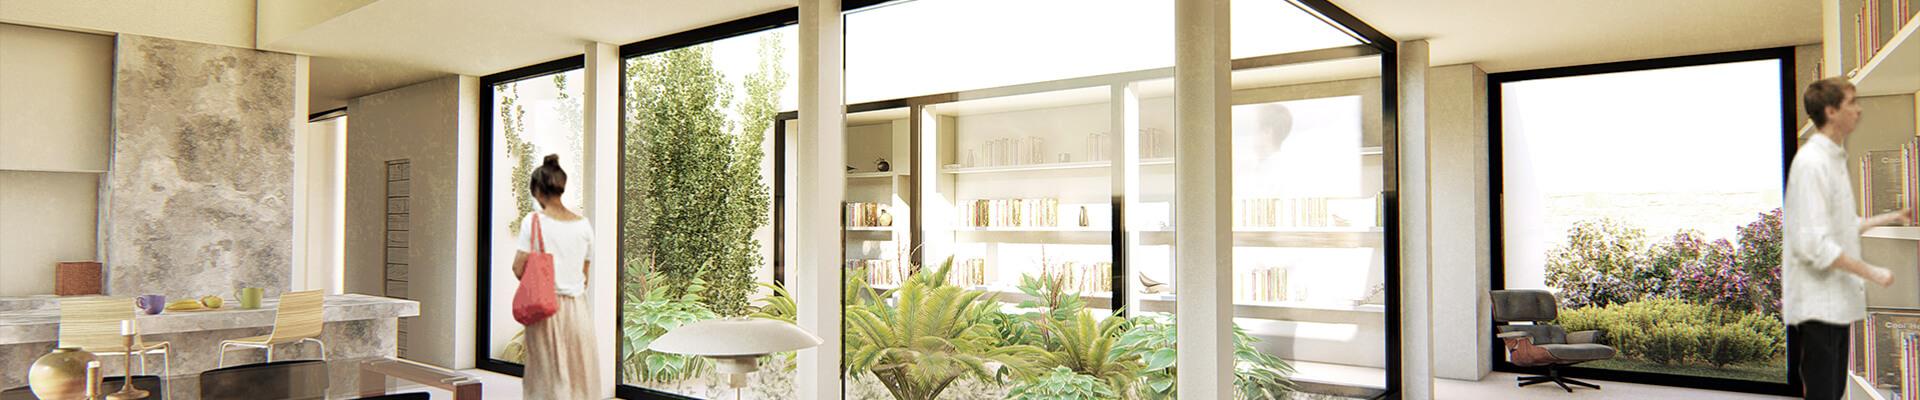 Beamonte y Vallejo Arquitectos - Viviendas Passivhaus, 1